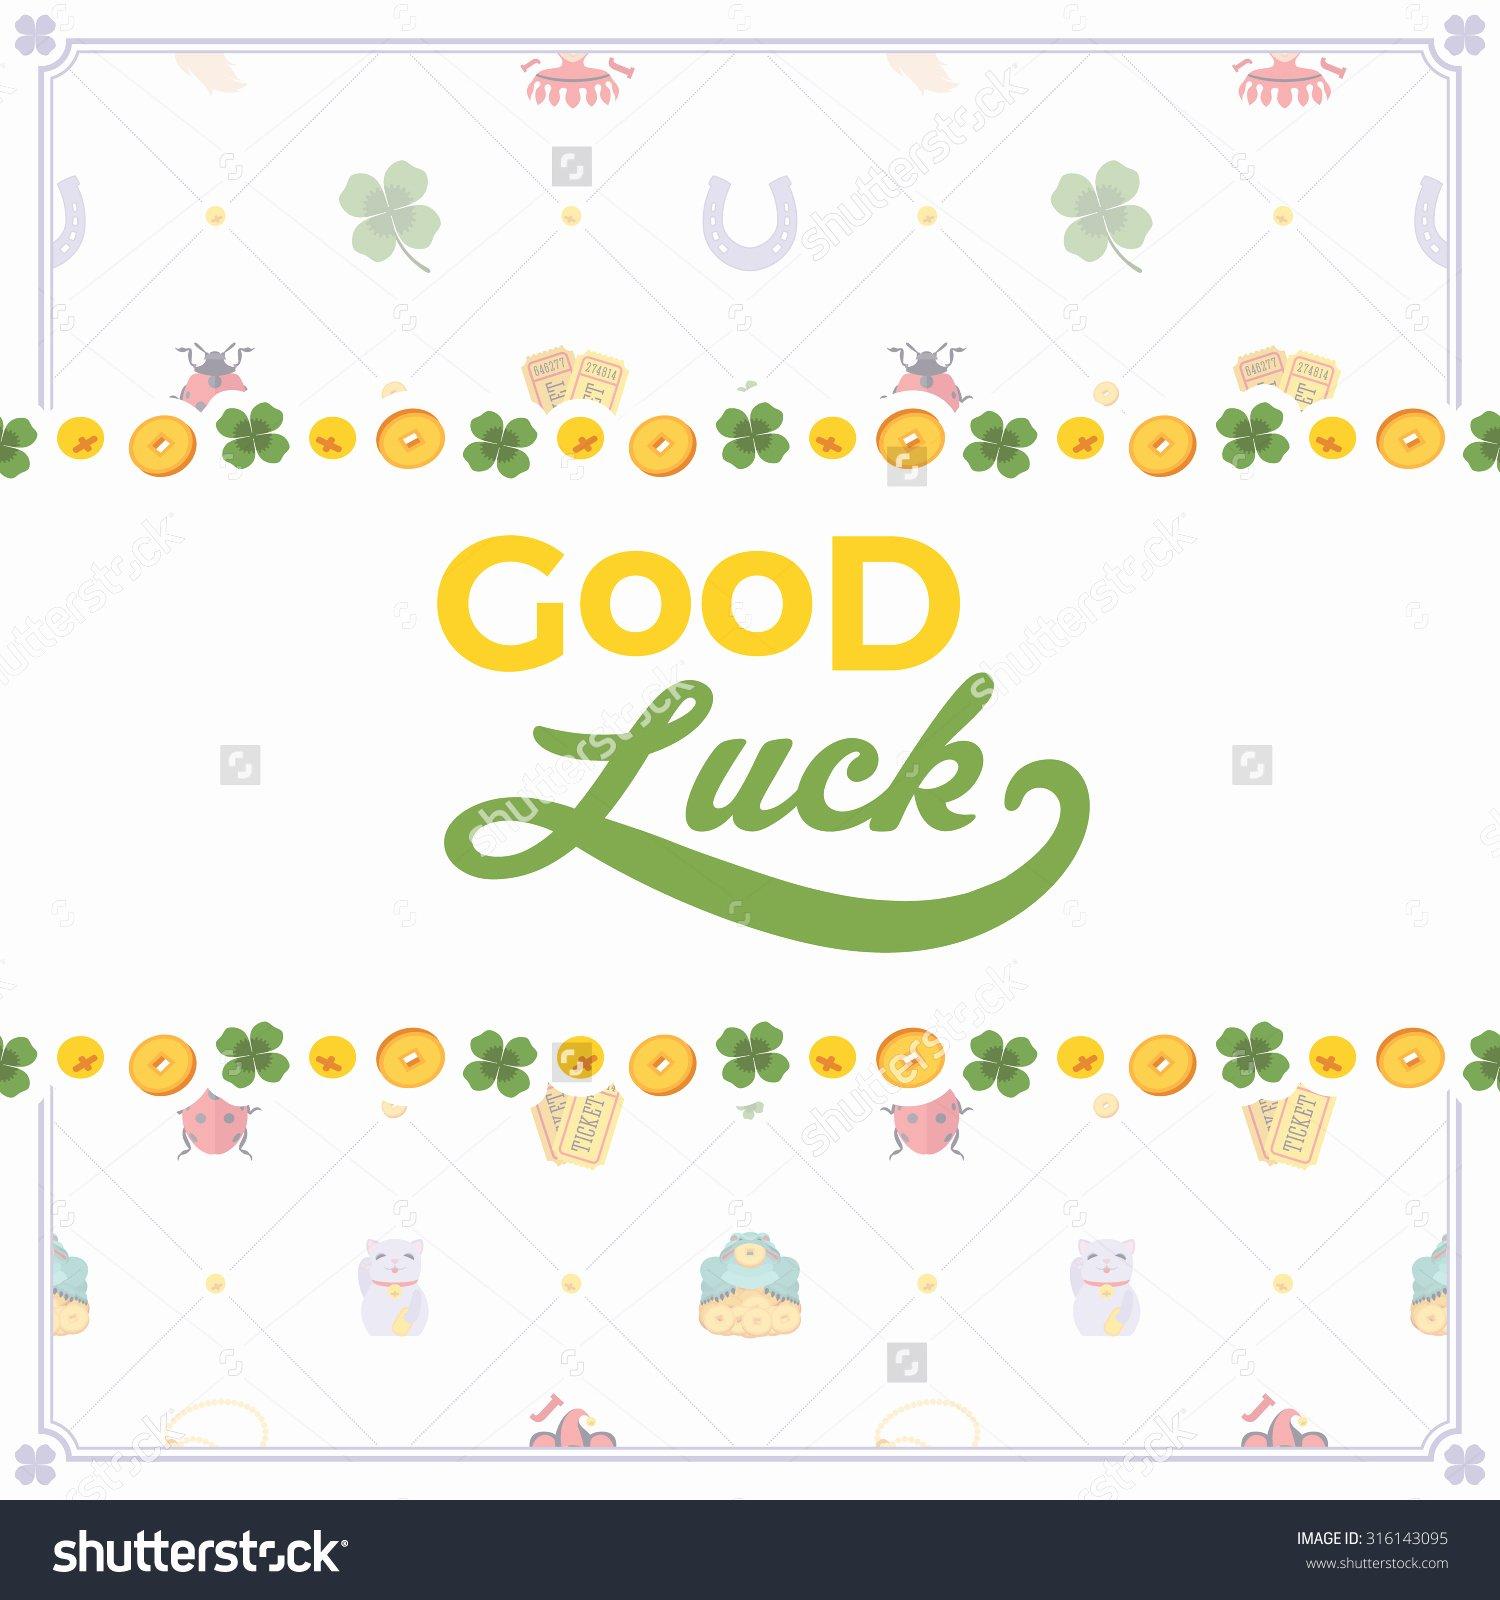 Good Luck Card Template New Good Luck Card Template Portablegasgrillweber